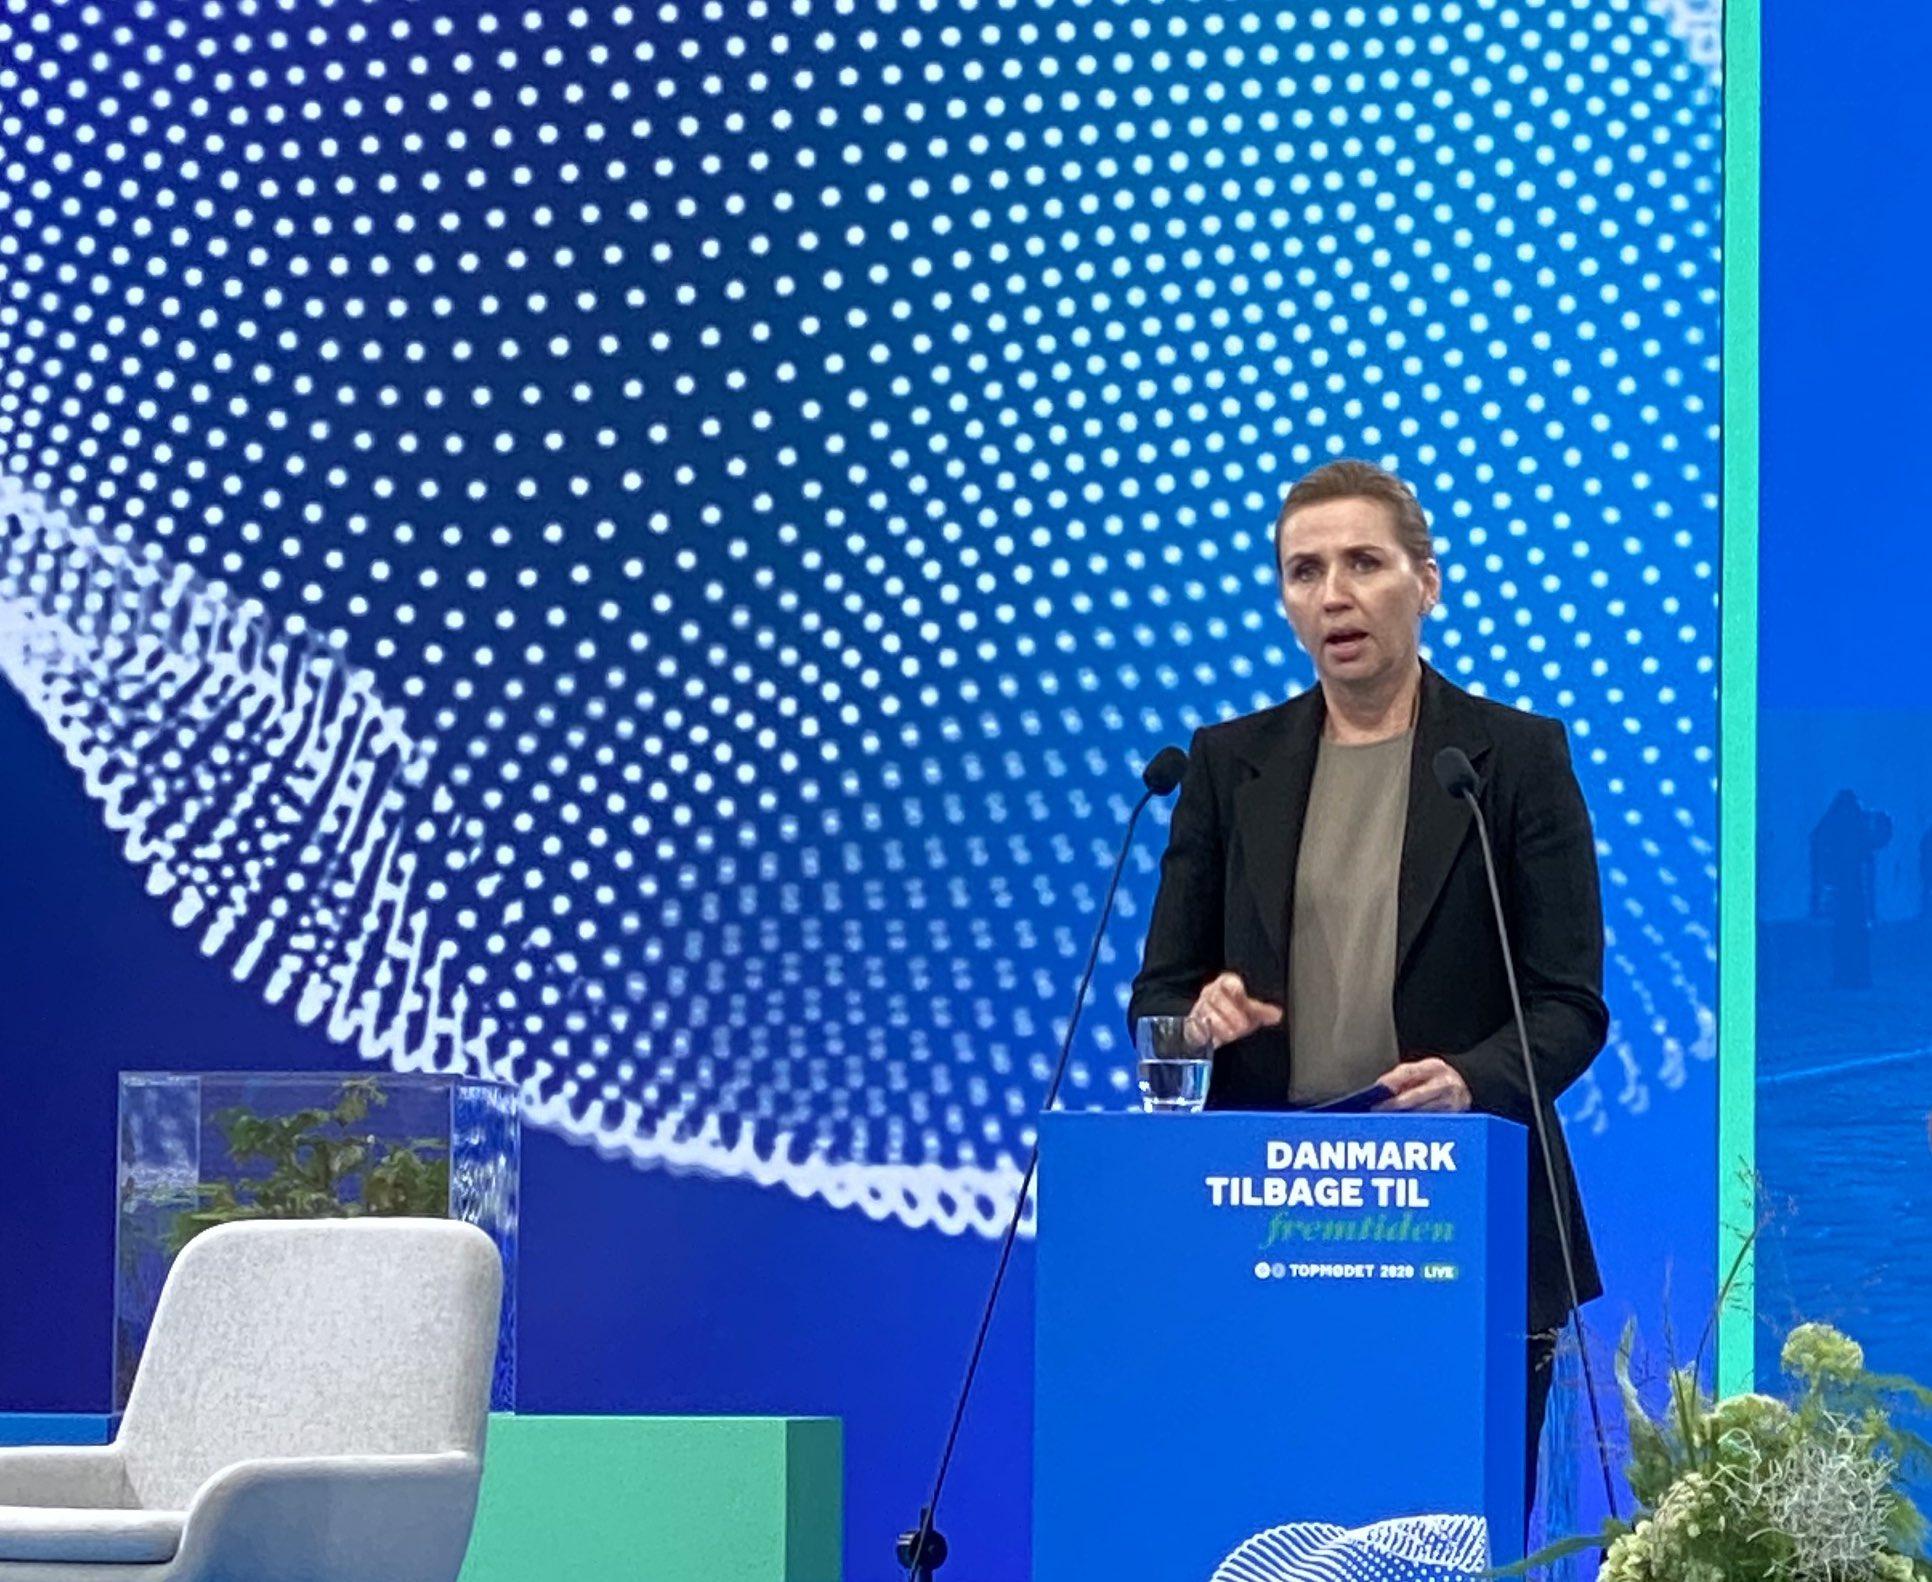 Statsminister Mette Frederiksen talte ved tirsdagens topmøde i Dansk Industri. Twitter-foto via Dansk Industri.